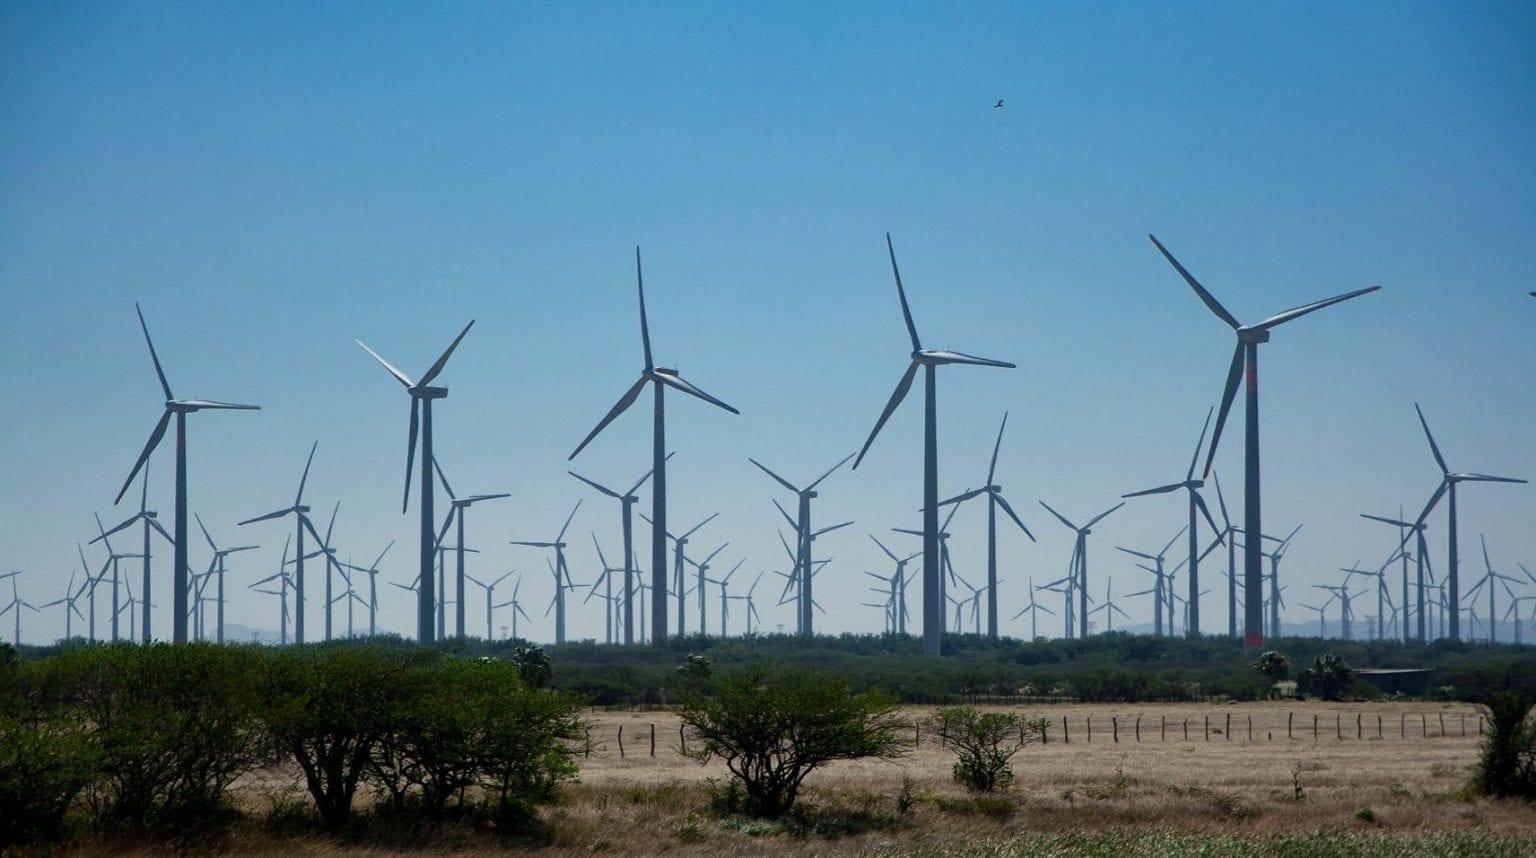 De 132 nye Vestas-møller forsyner ifølge en aktindsigt DanWatch er i besiddelse af, udelukkende private aktører som Coca-Cola og Heineken med strøm, mens mange lokalsamfund fortsat mangler tilstrækkelig elektricitet. Foto: Windwatch.org